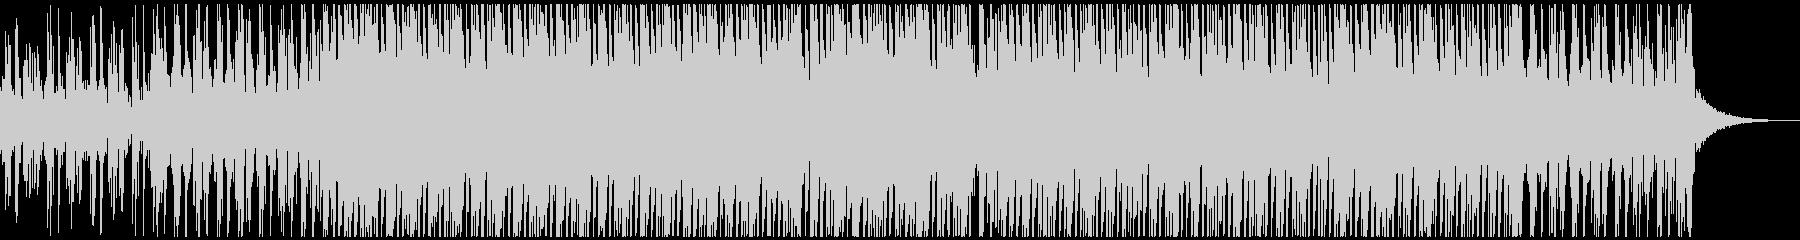 トロピカルハウスパーティー(90秒)の未再生の波形